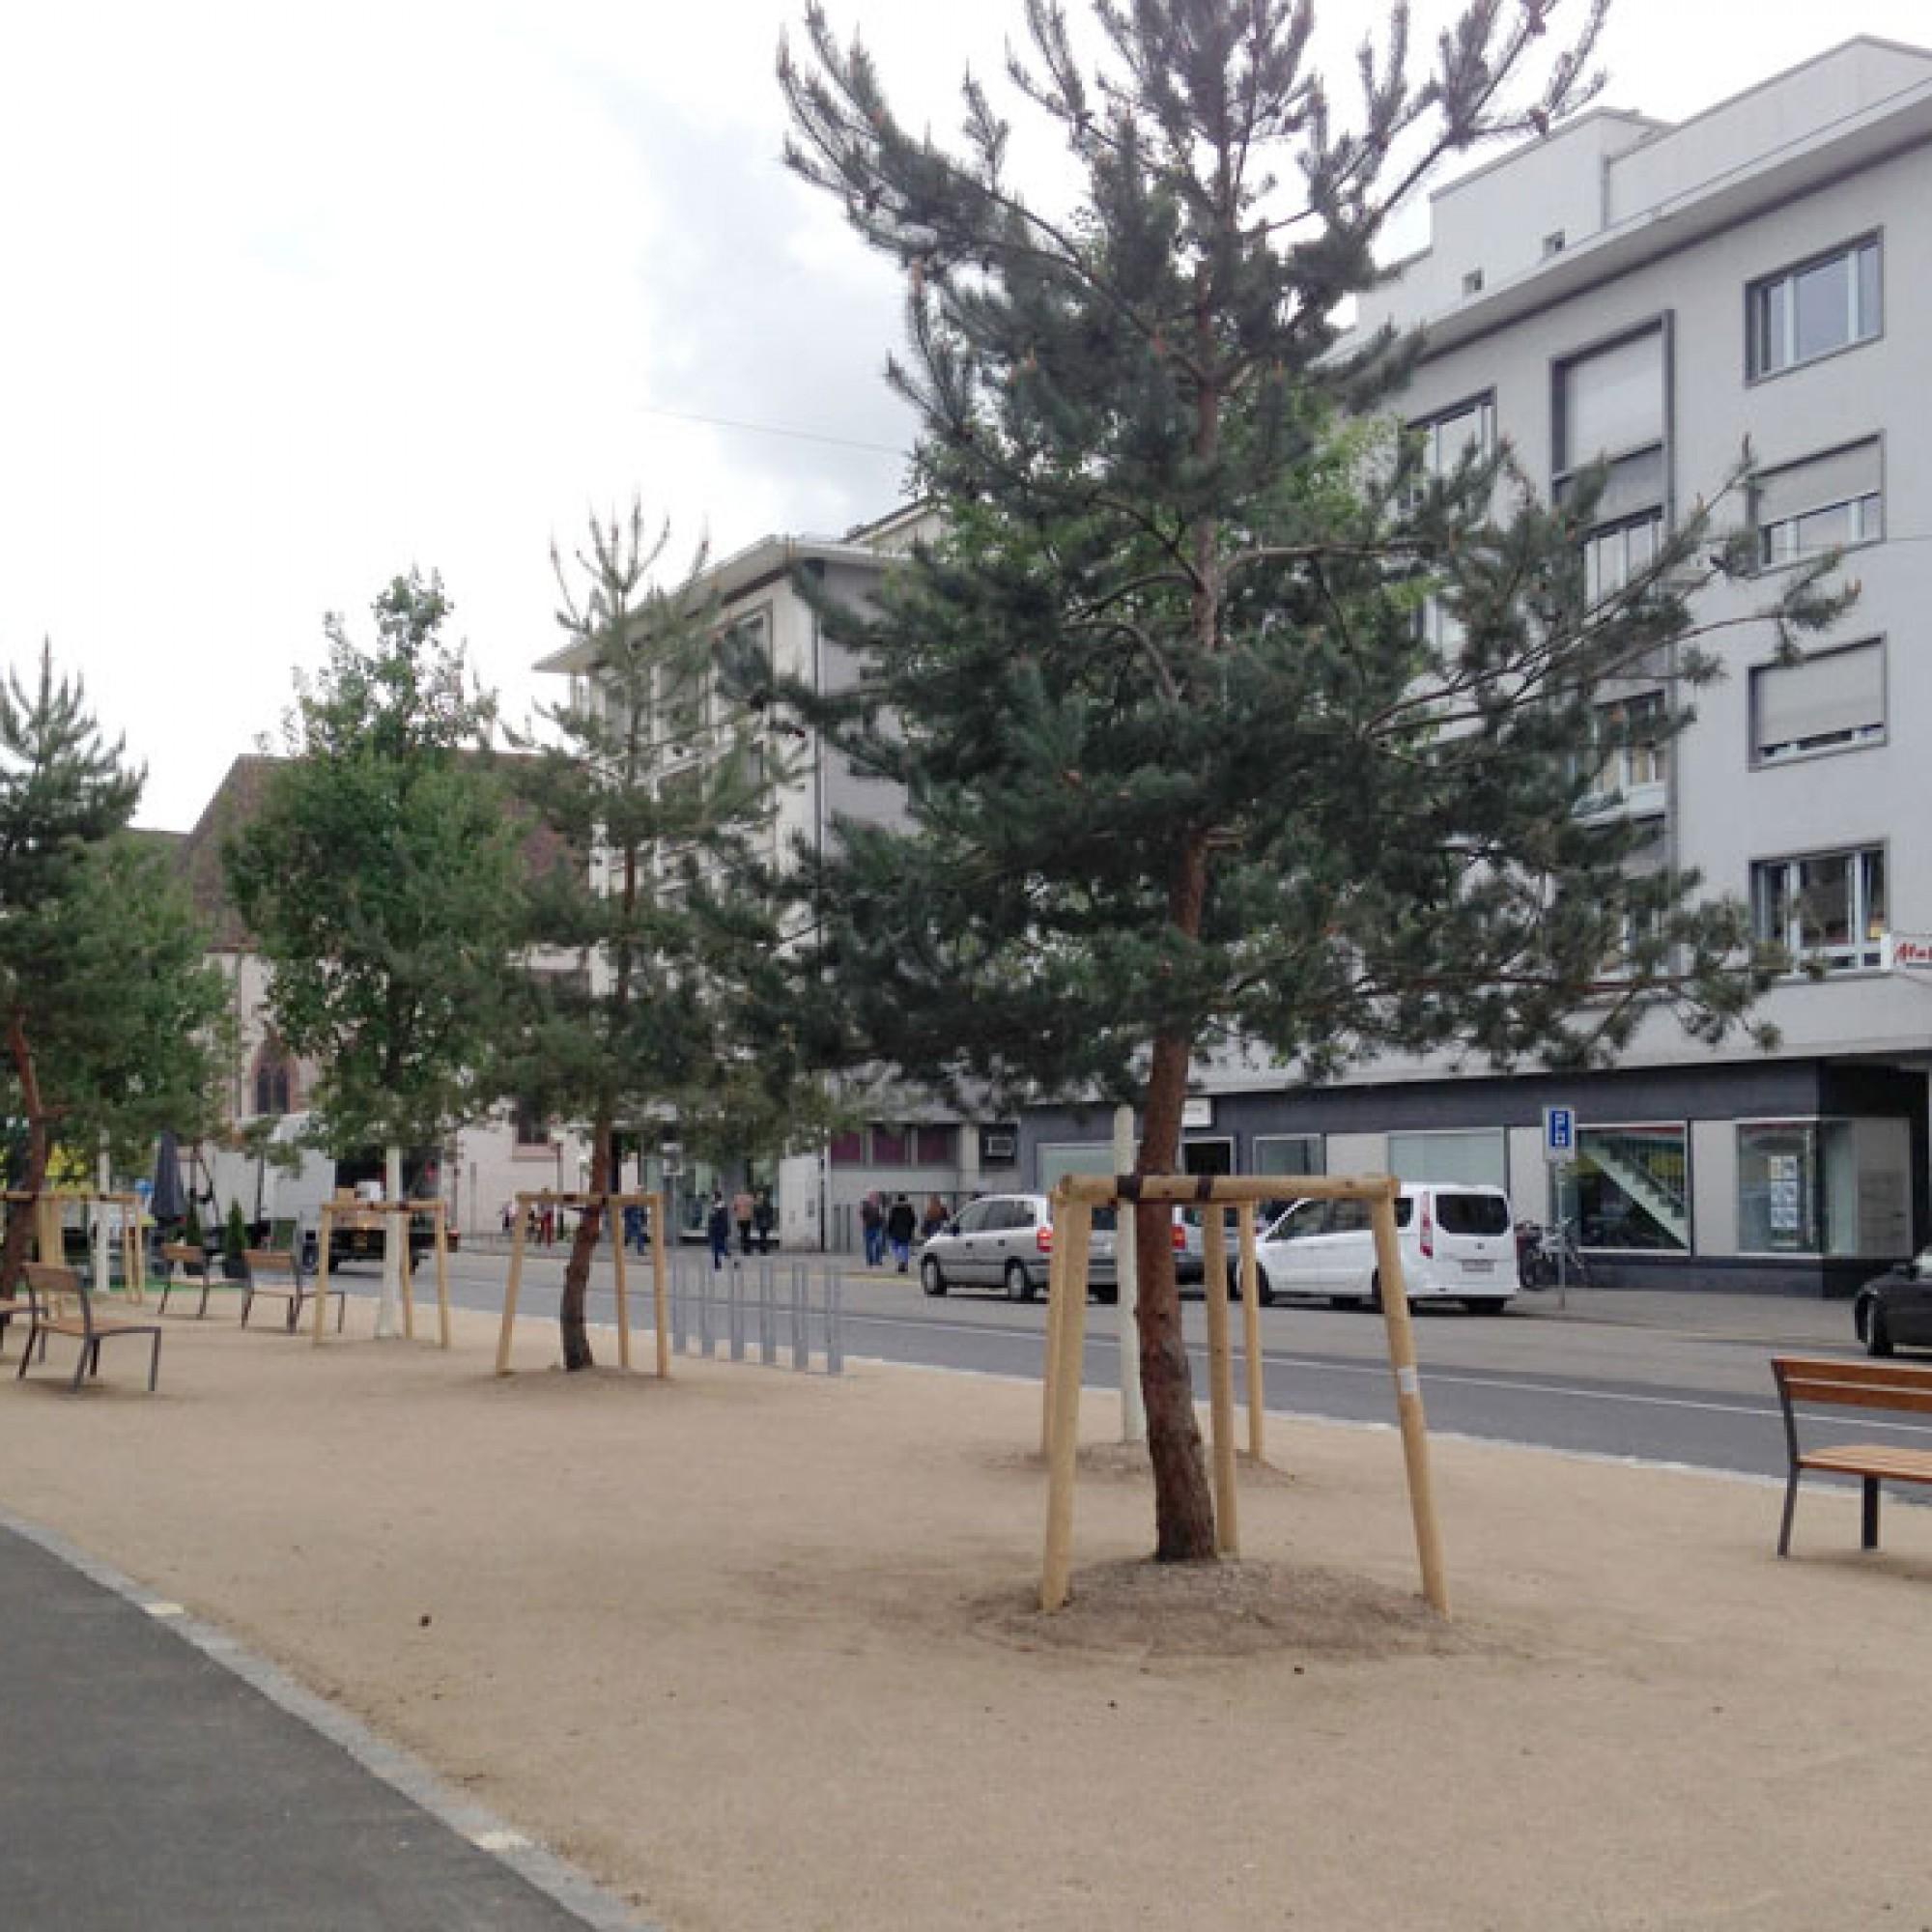 Die Stadtgärtnerei pflanzte sieben Bäume und stattete den neuen Freiraum mit Bänken aus (zvg)